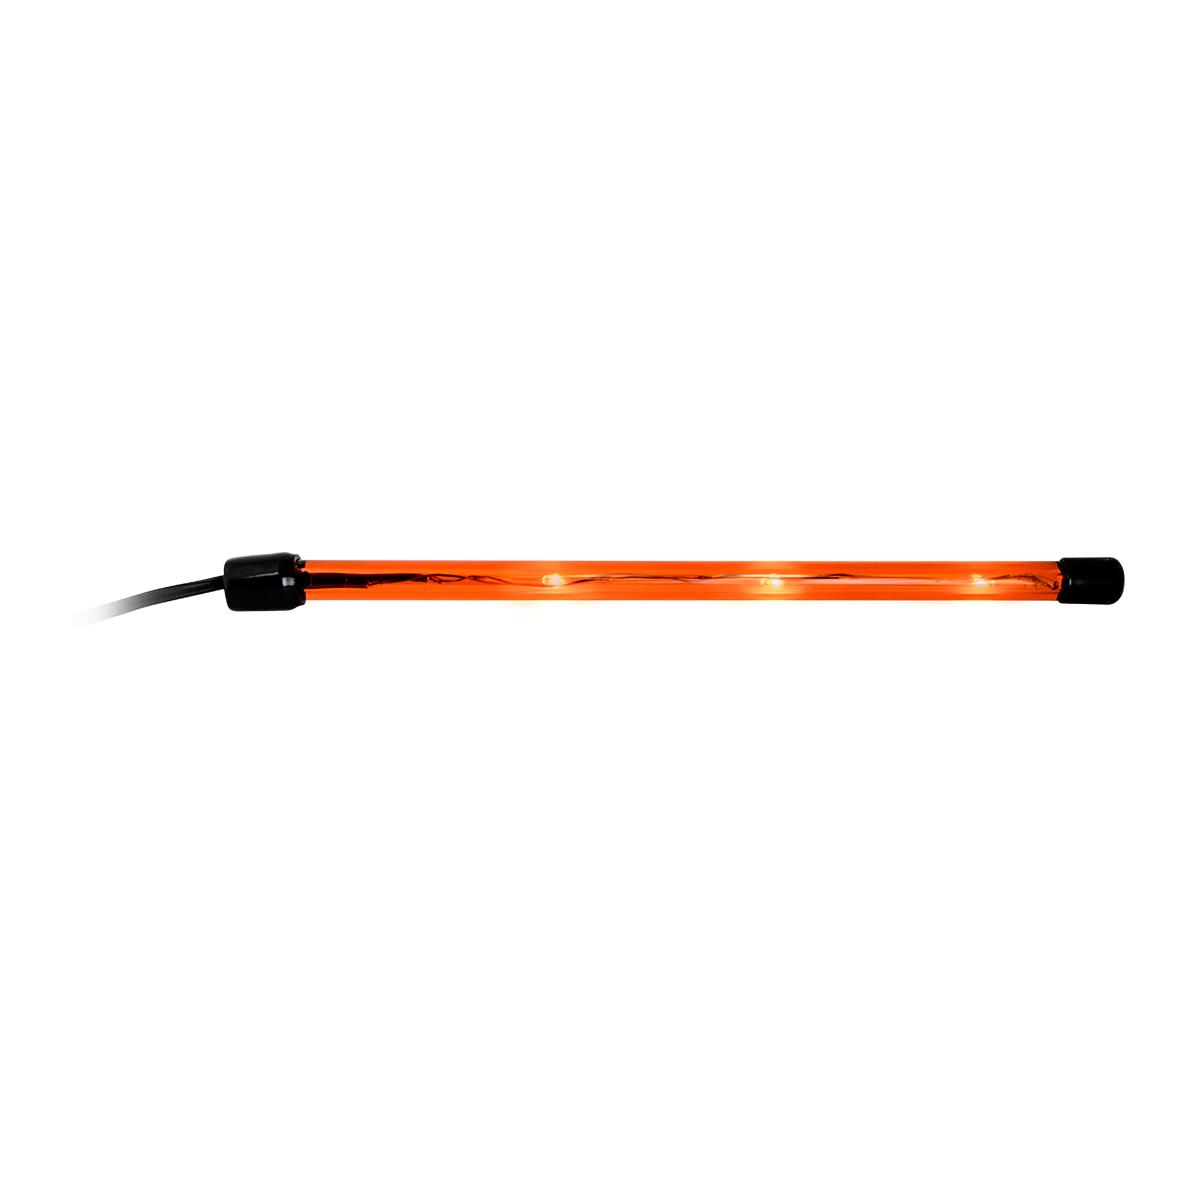 #94134 Amber Tube Light for Bumper Guide